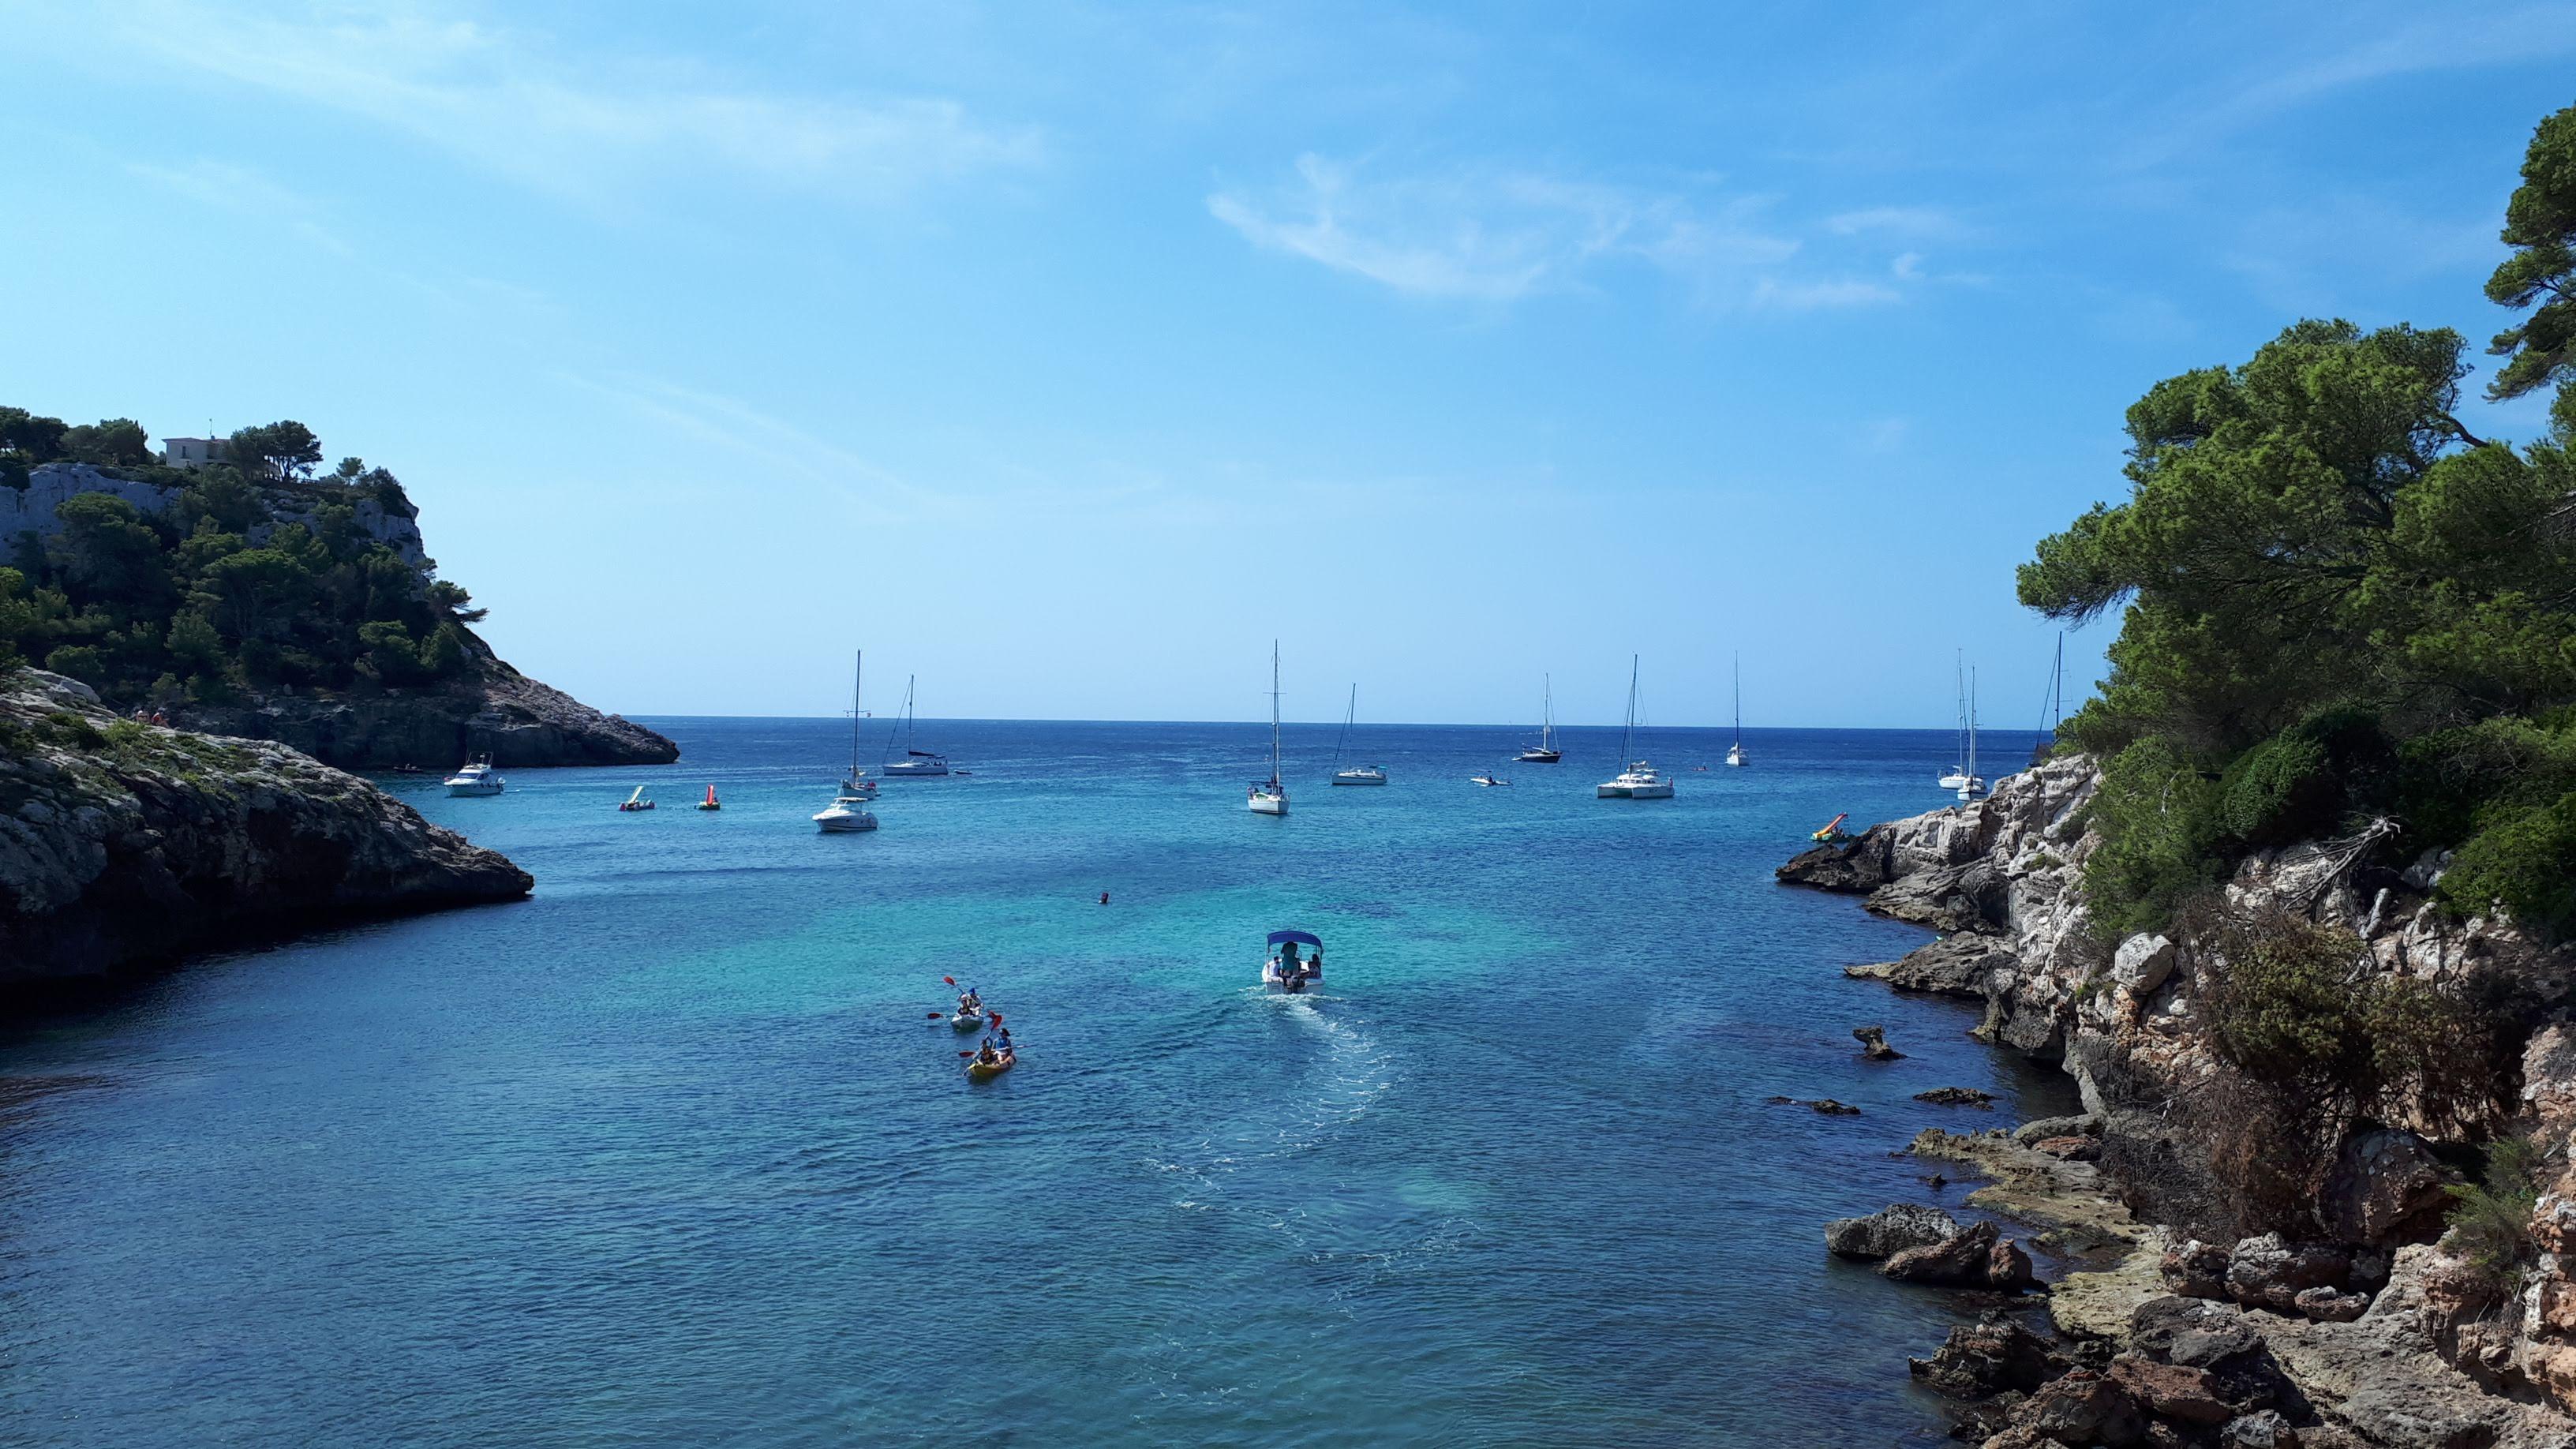 Isola di Minorca - Scopri cosa rende questa piccola isola ...